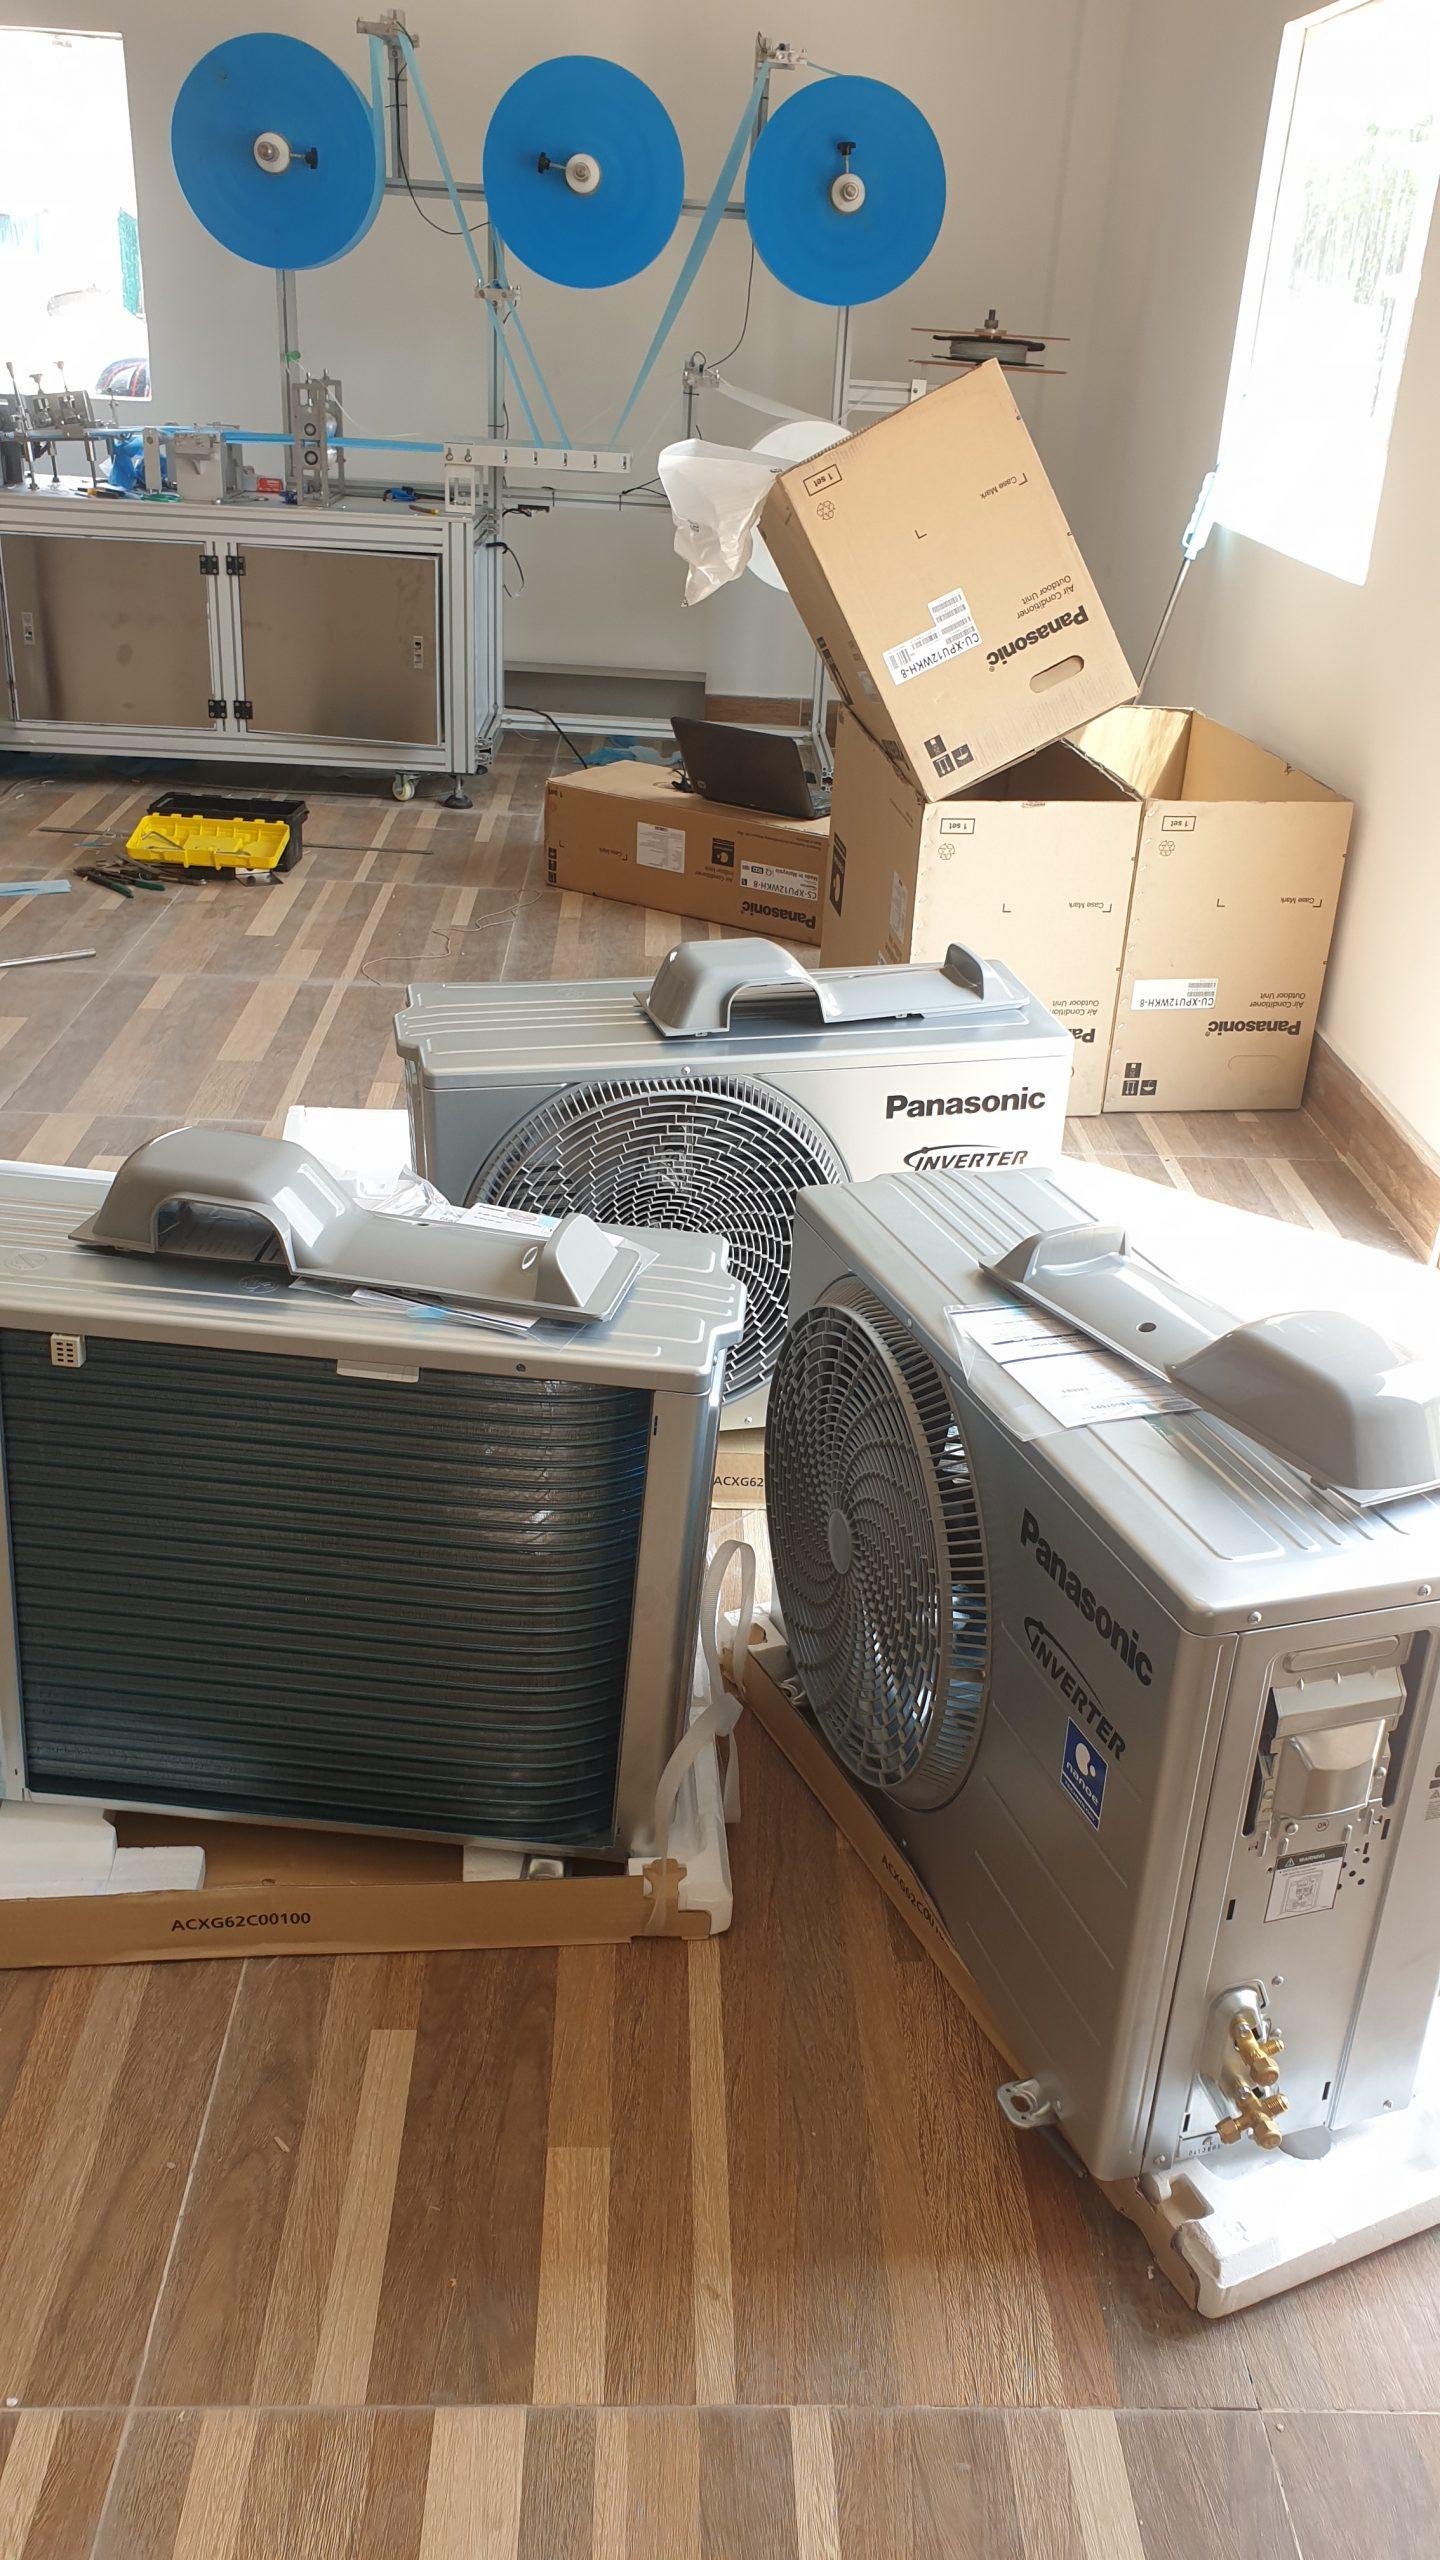 Lắp đặt máy lạnh Panasonic mới chính hãng cho nhà xưởng Củ Chi